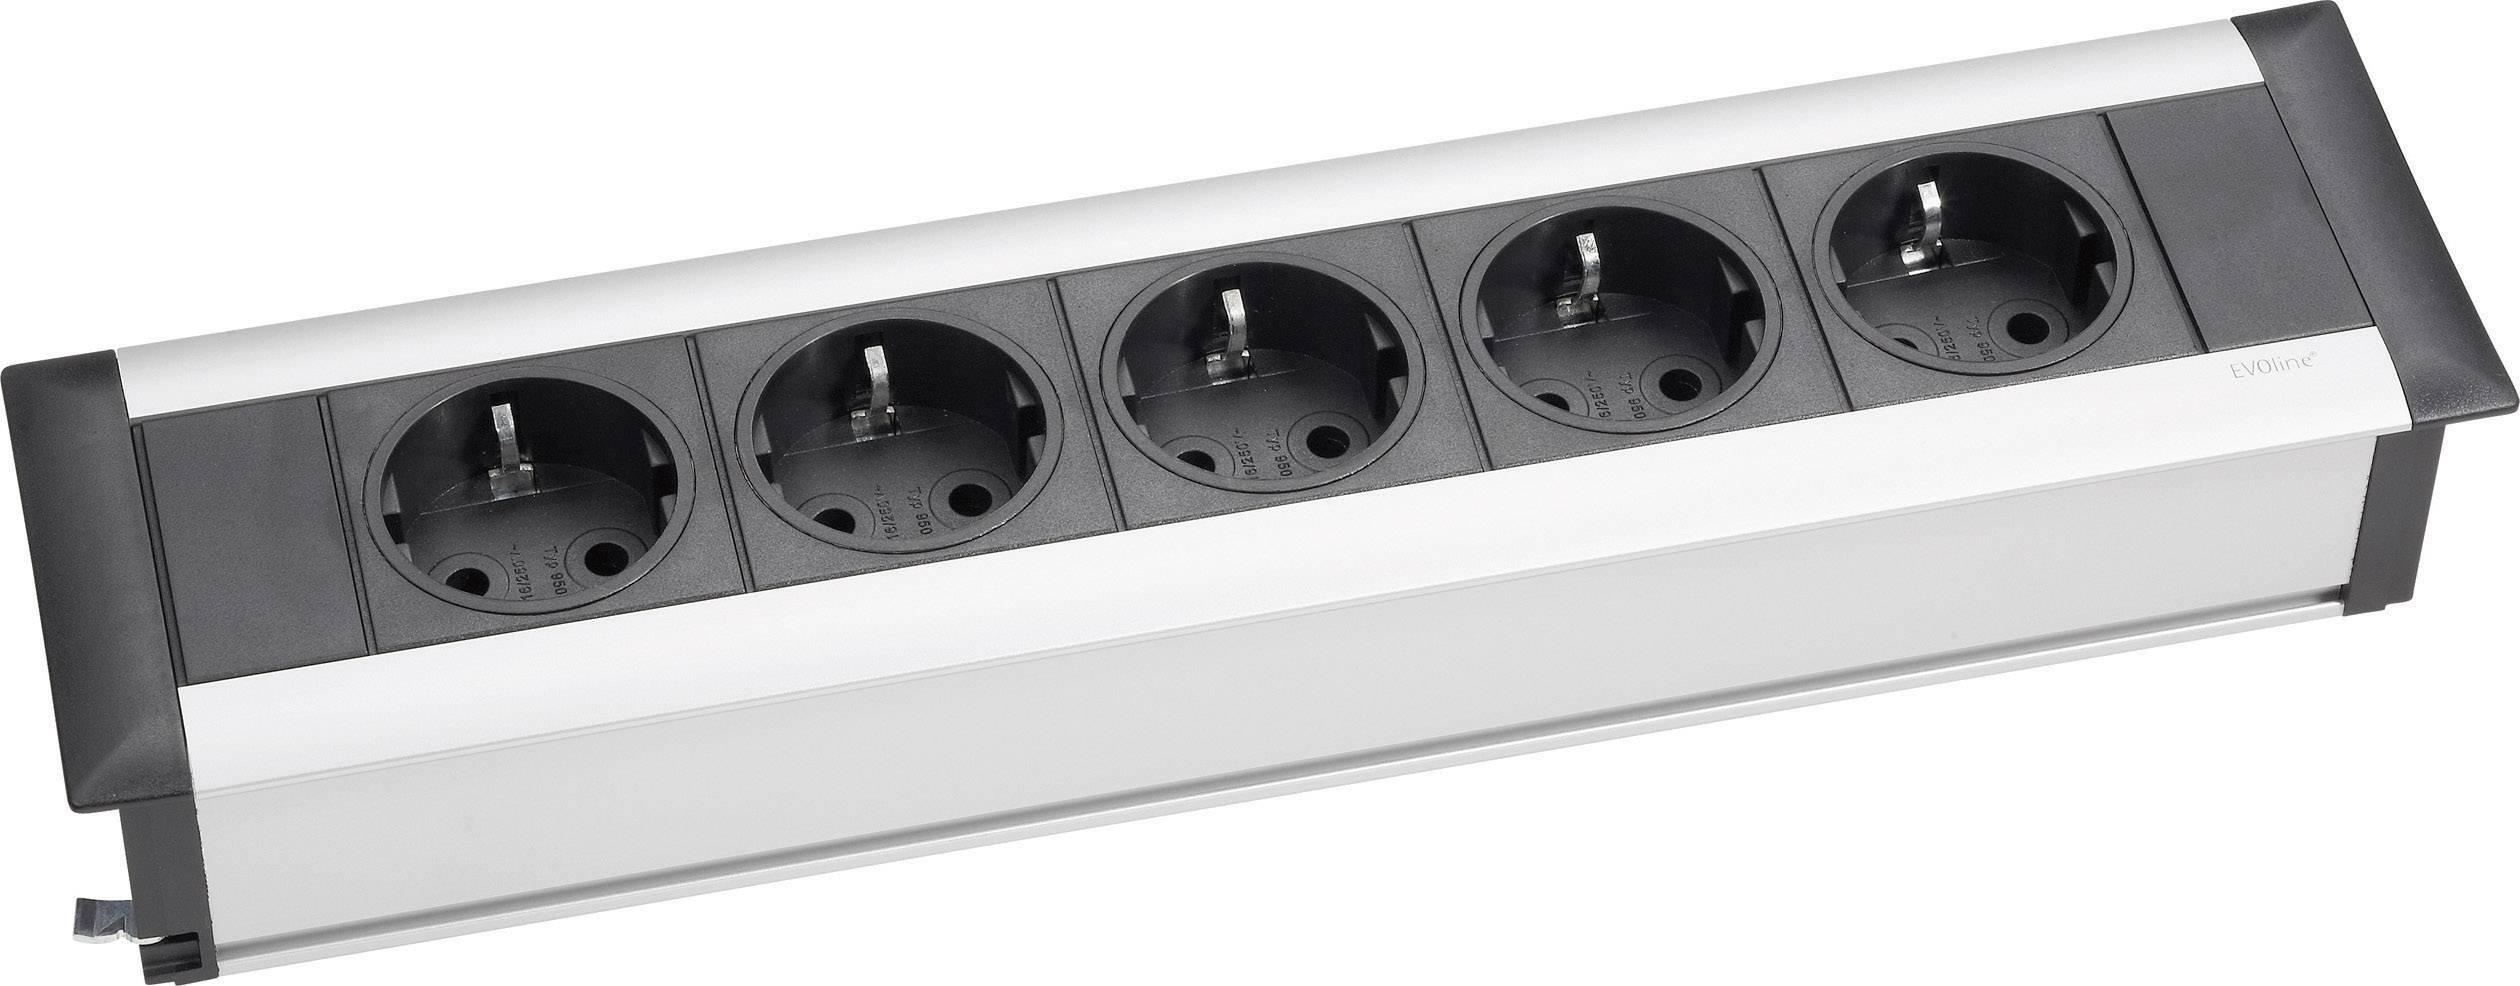 Vstavaná zásuvková lišta Schulte Elektrotechnik Frame Dock Small, 5 zásuviek, strieborná/čierna